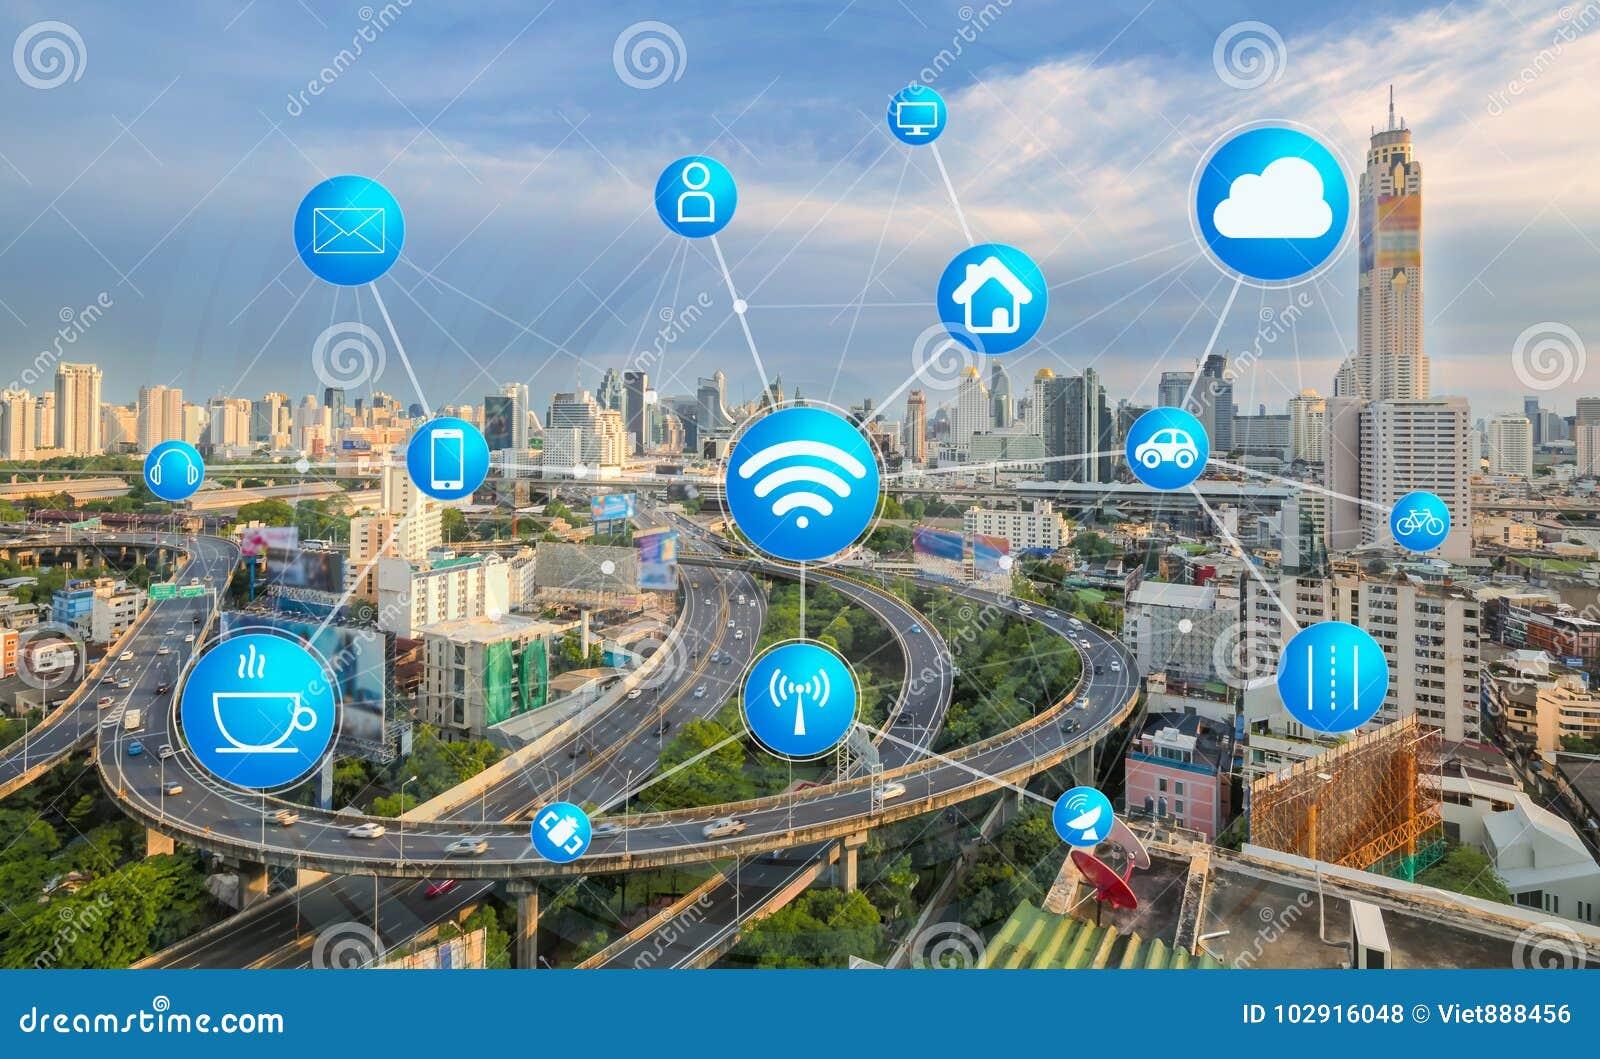 Μεταφορά και επικοινωνία και Διαδίκτυο σε σύγχρονο